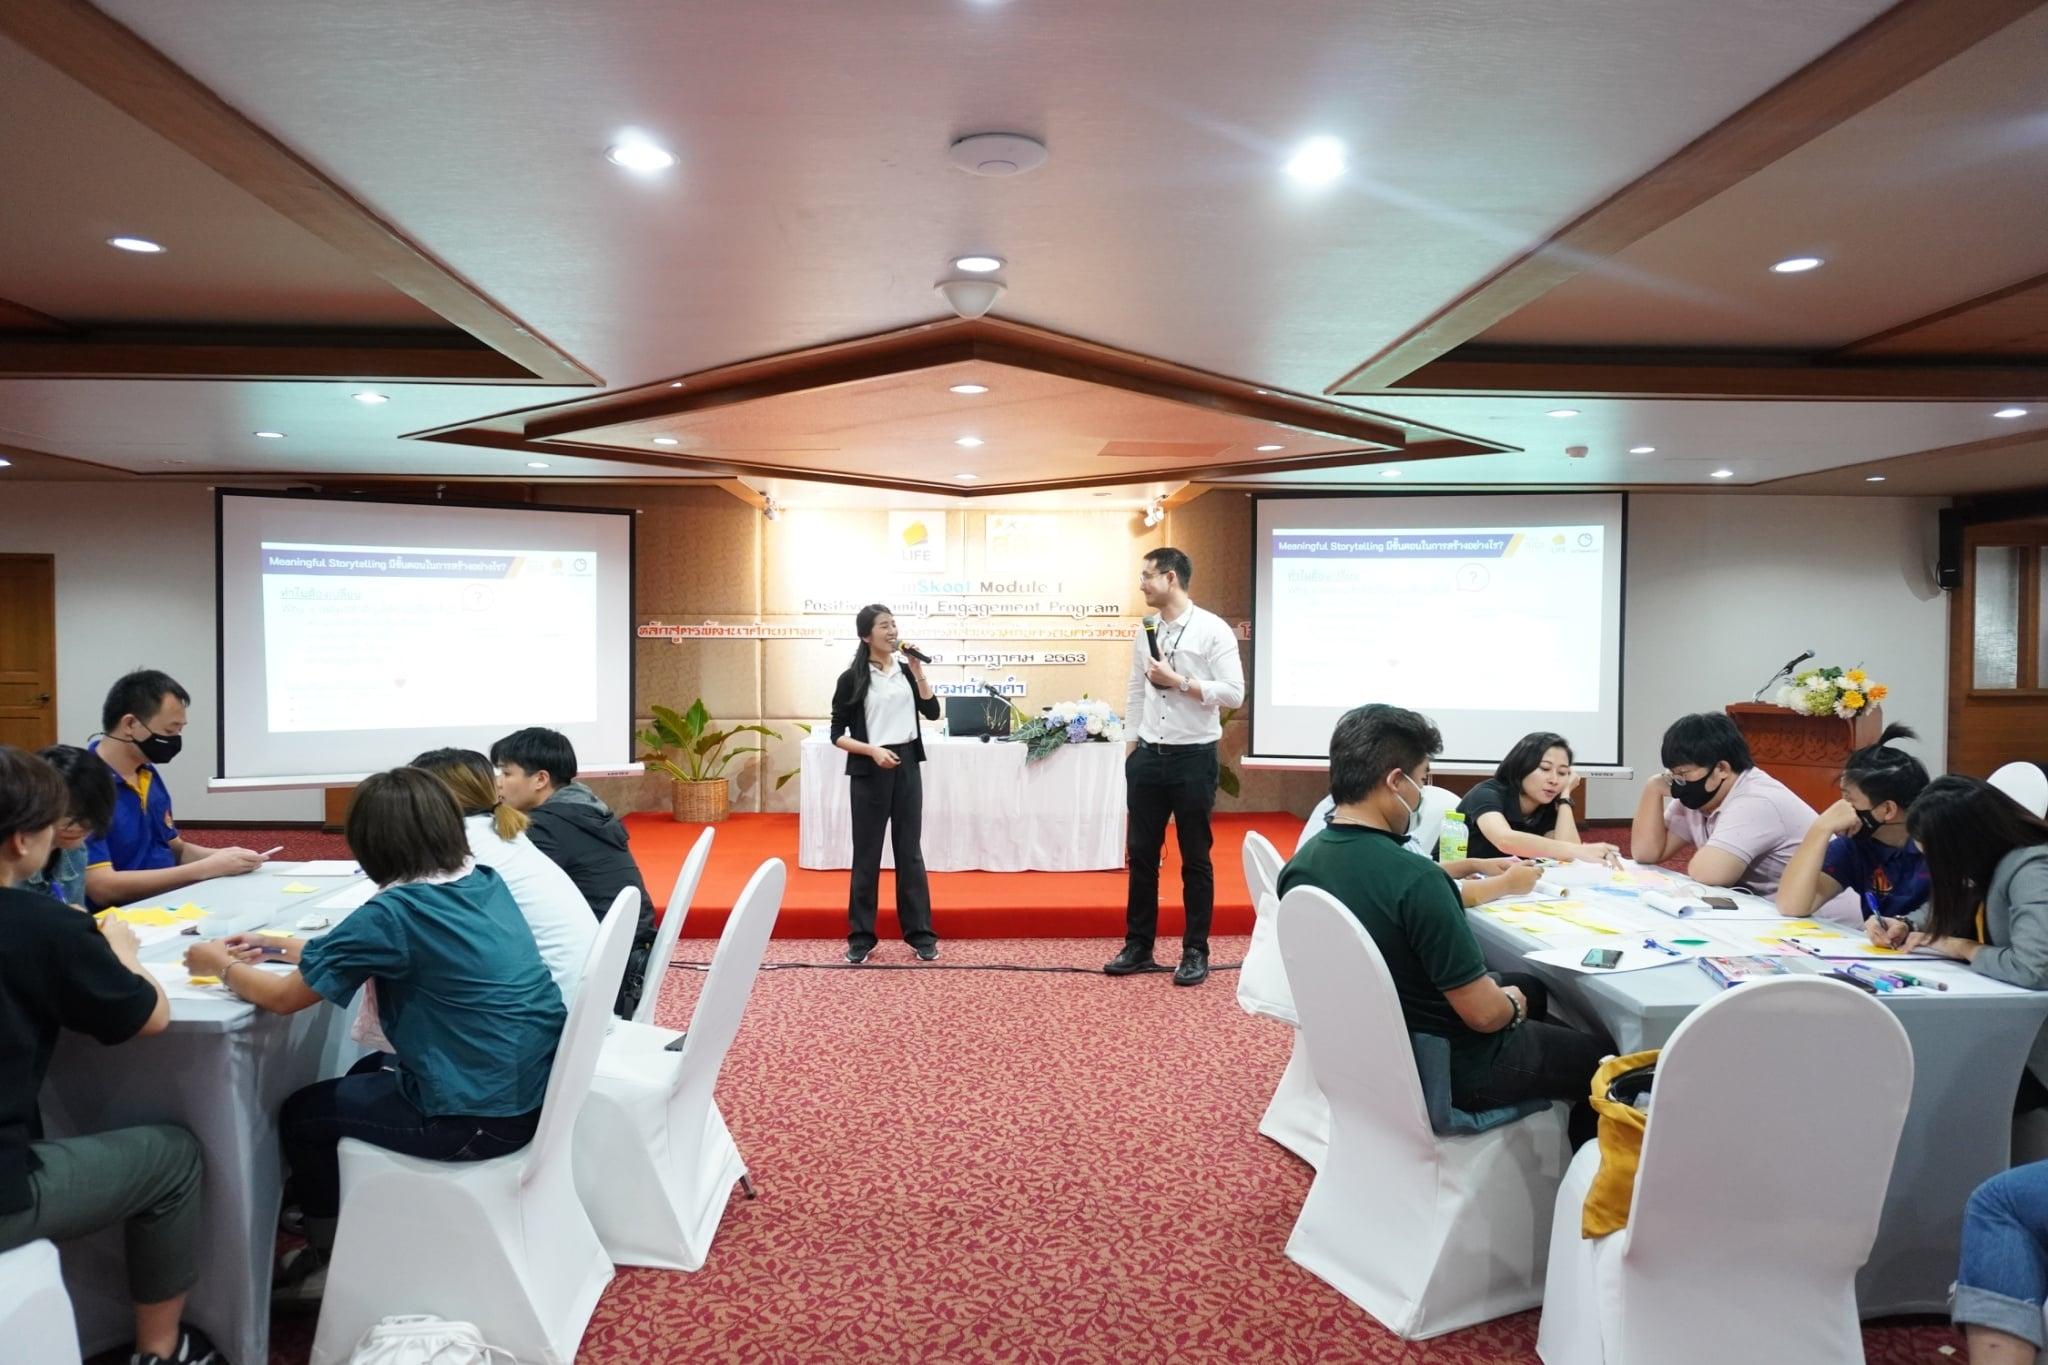 บันทึกการเดินทางของโครงการ FamSkool 2020-21 ภาคเหนือ Module 1 (27)